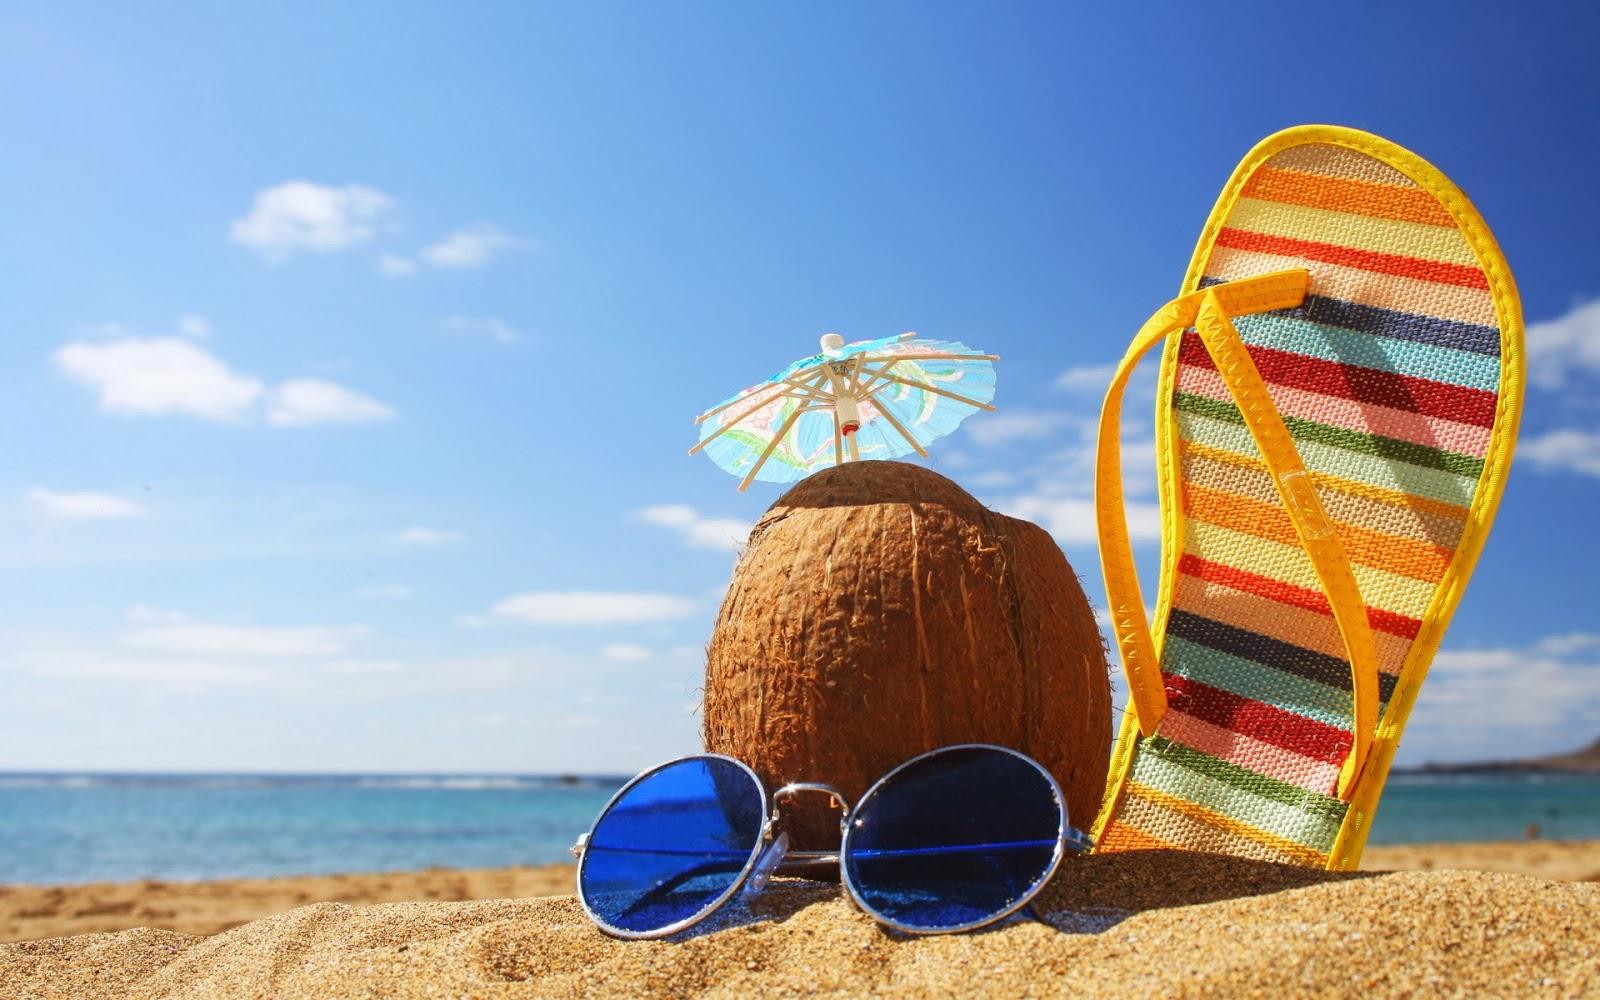 imagem de praia com um chinelo colorido, coco com guarda-chuva pequeno e óculos de sol azul